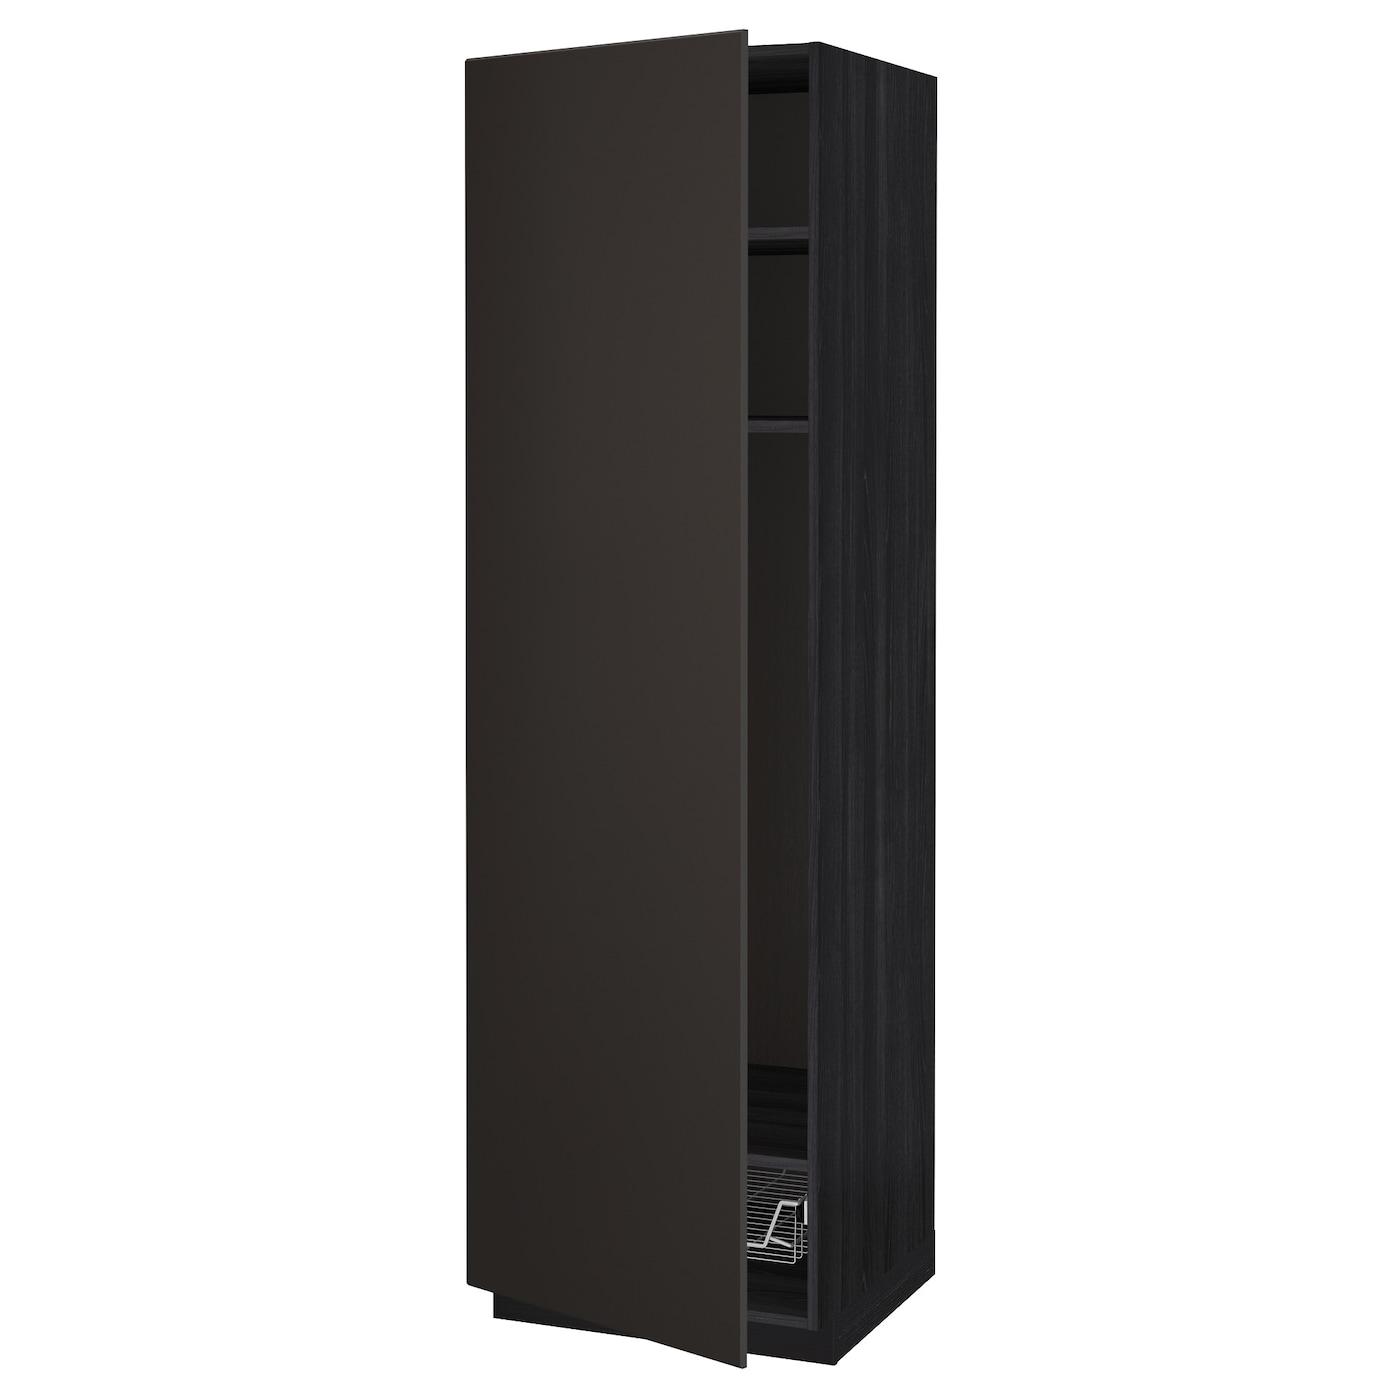 metod l ht tablettes corb noir kungsbacka anthracite 60x60x200 cm ikea. Black Bedroom Furniture Sets. Home Design Ideas